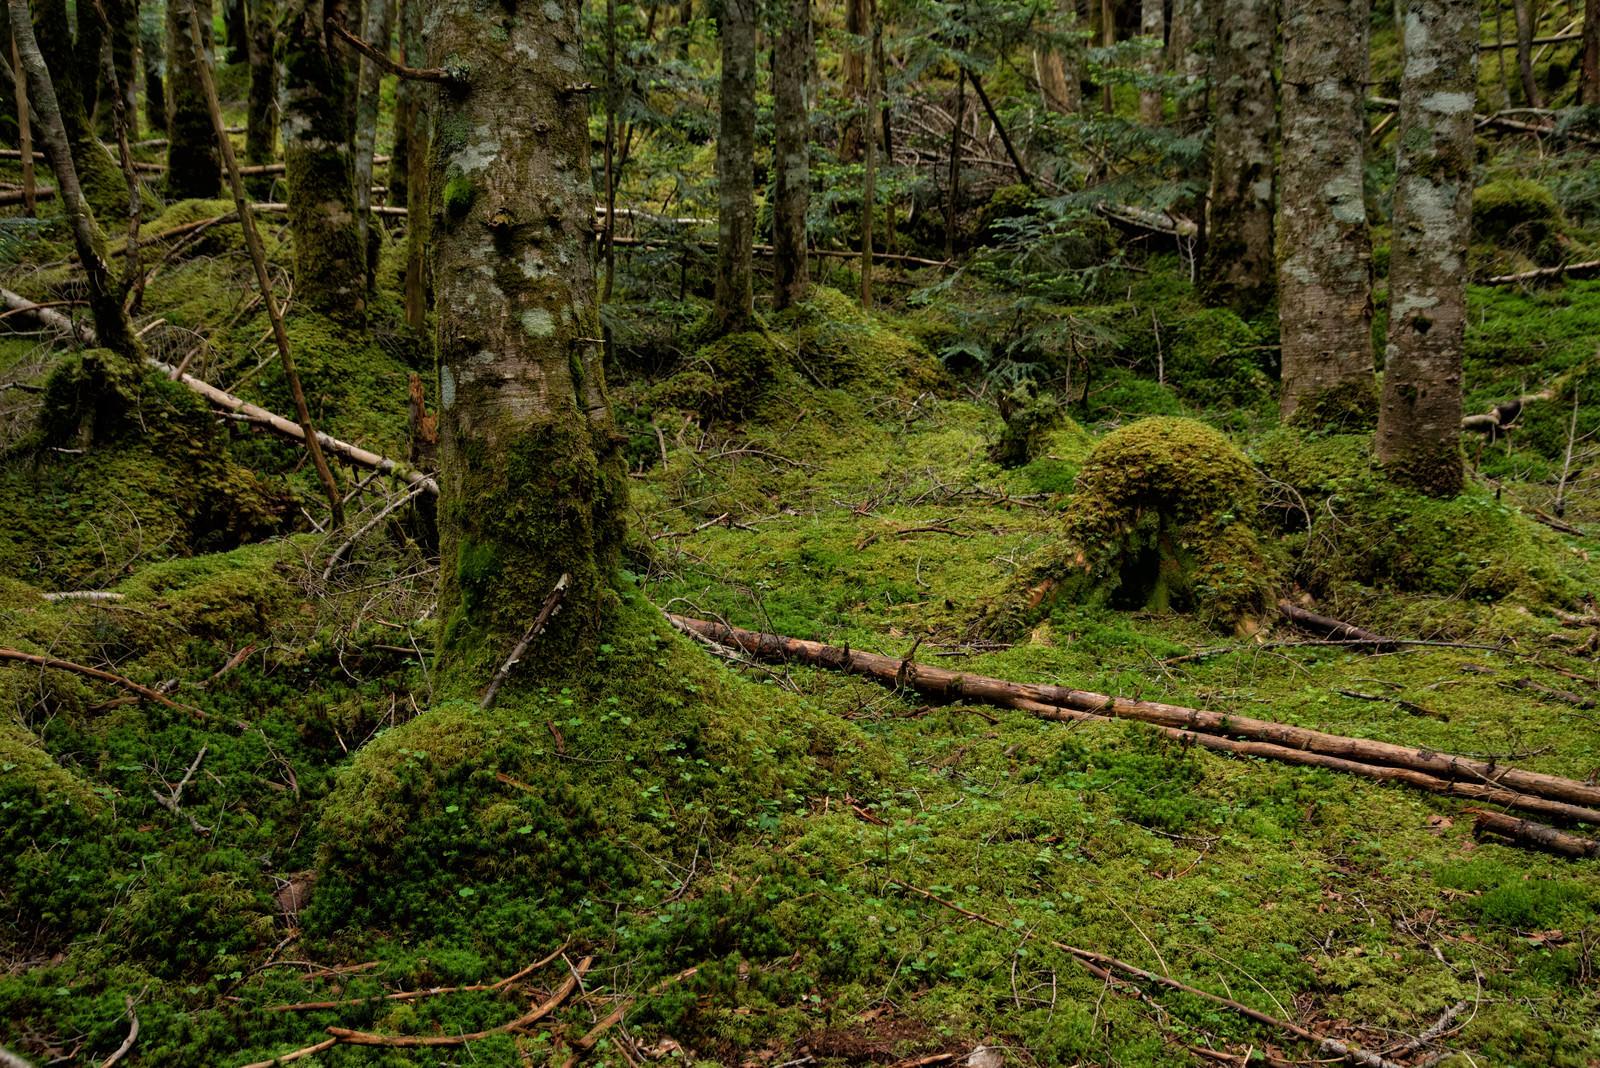 「森の木々を侵食していく苔」の写真